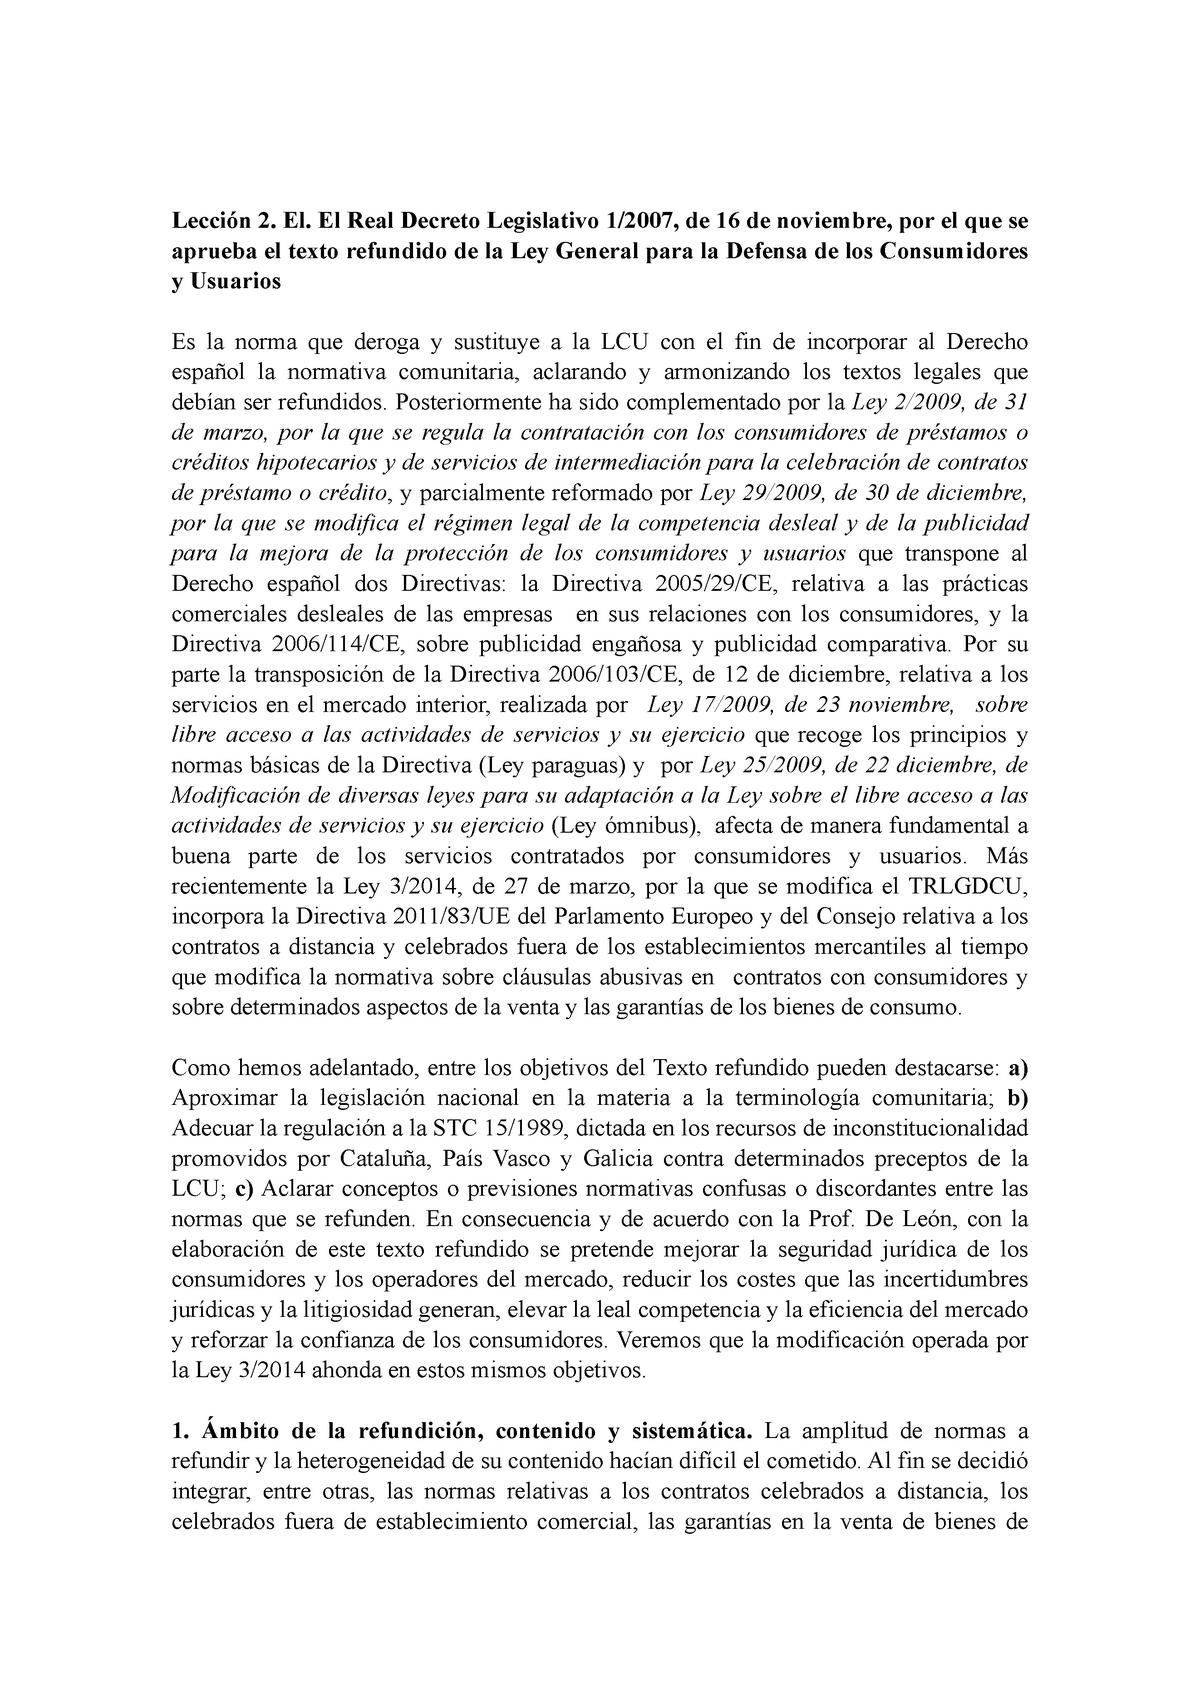 Leccion 2 Ley General Para La Defensa De Los Consumidores Lecci El El Real Decreto Legislativo 2007 De 16 De Noviembre Por El Que Se Aprueba El Texto Refundido Studocu